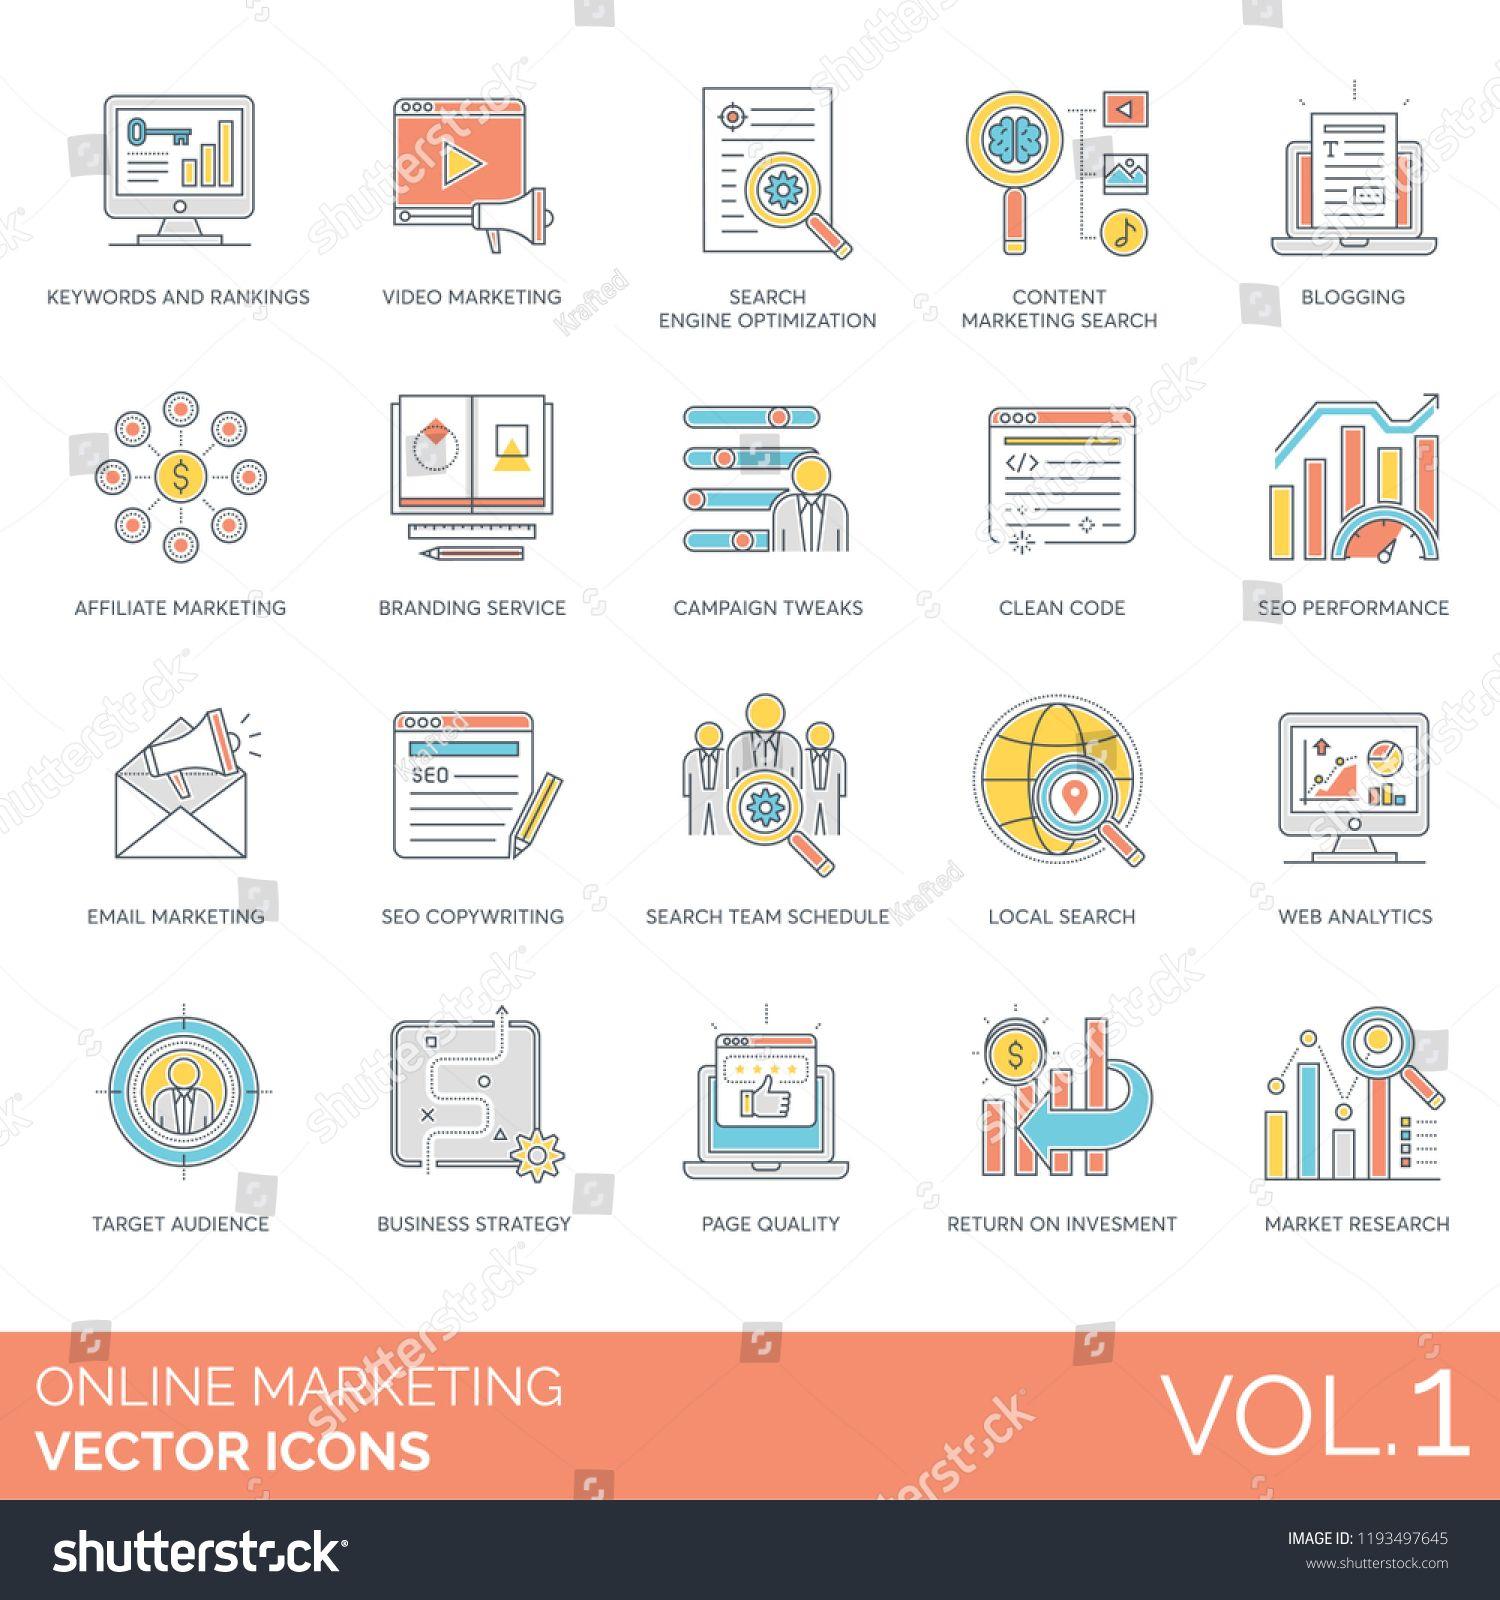 Keywords and rankings, blogging, branding service, campaign tweaks